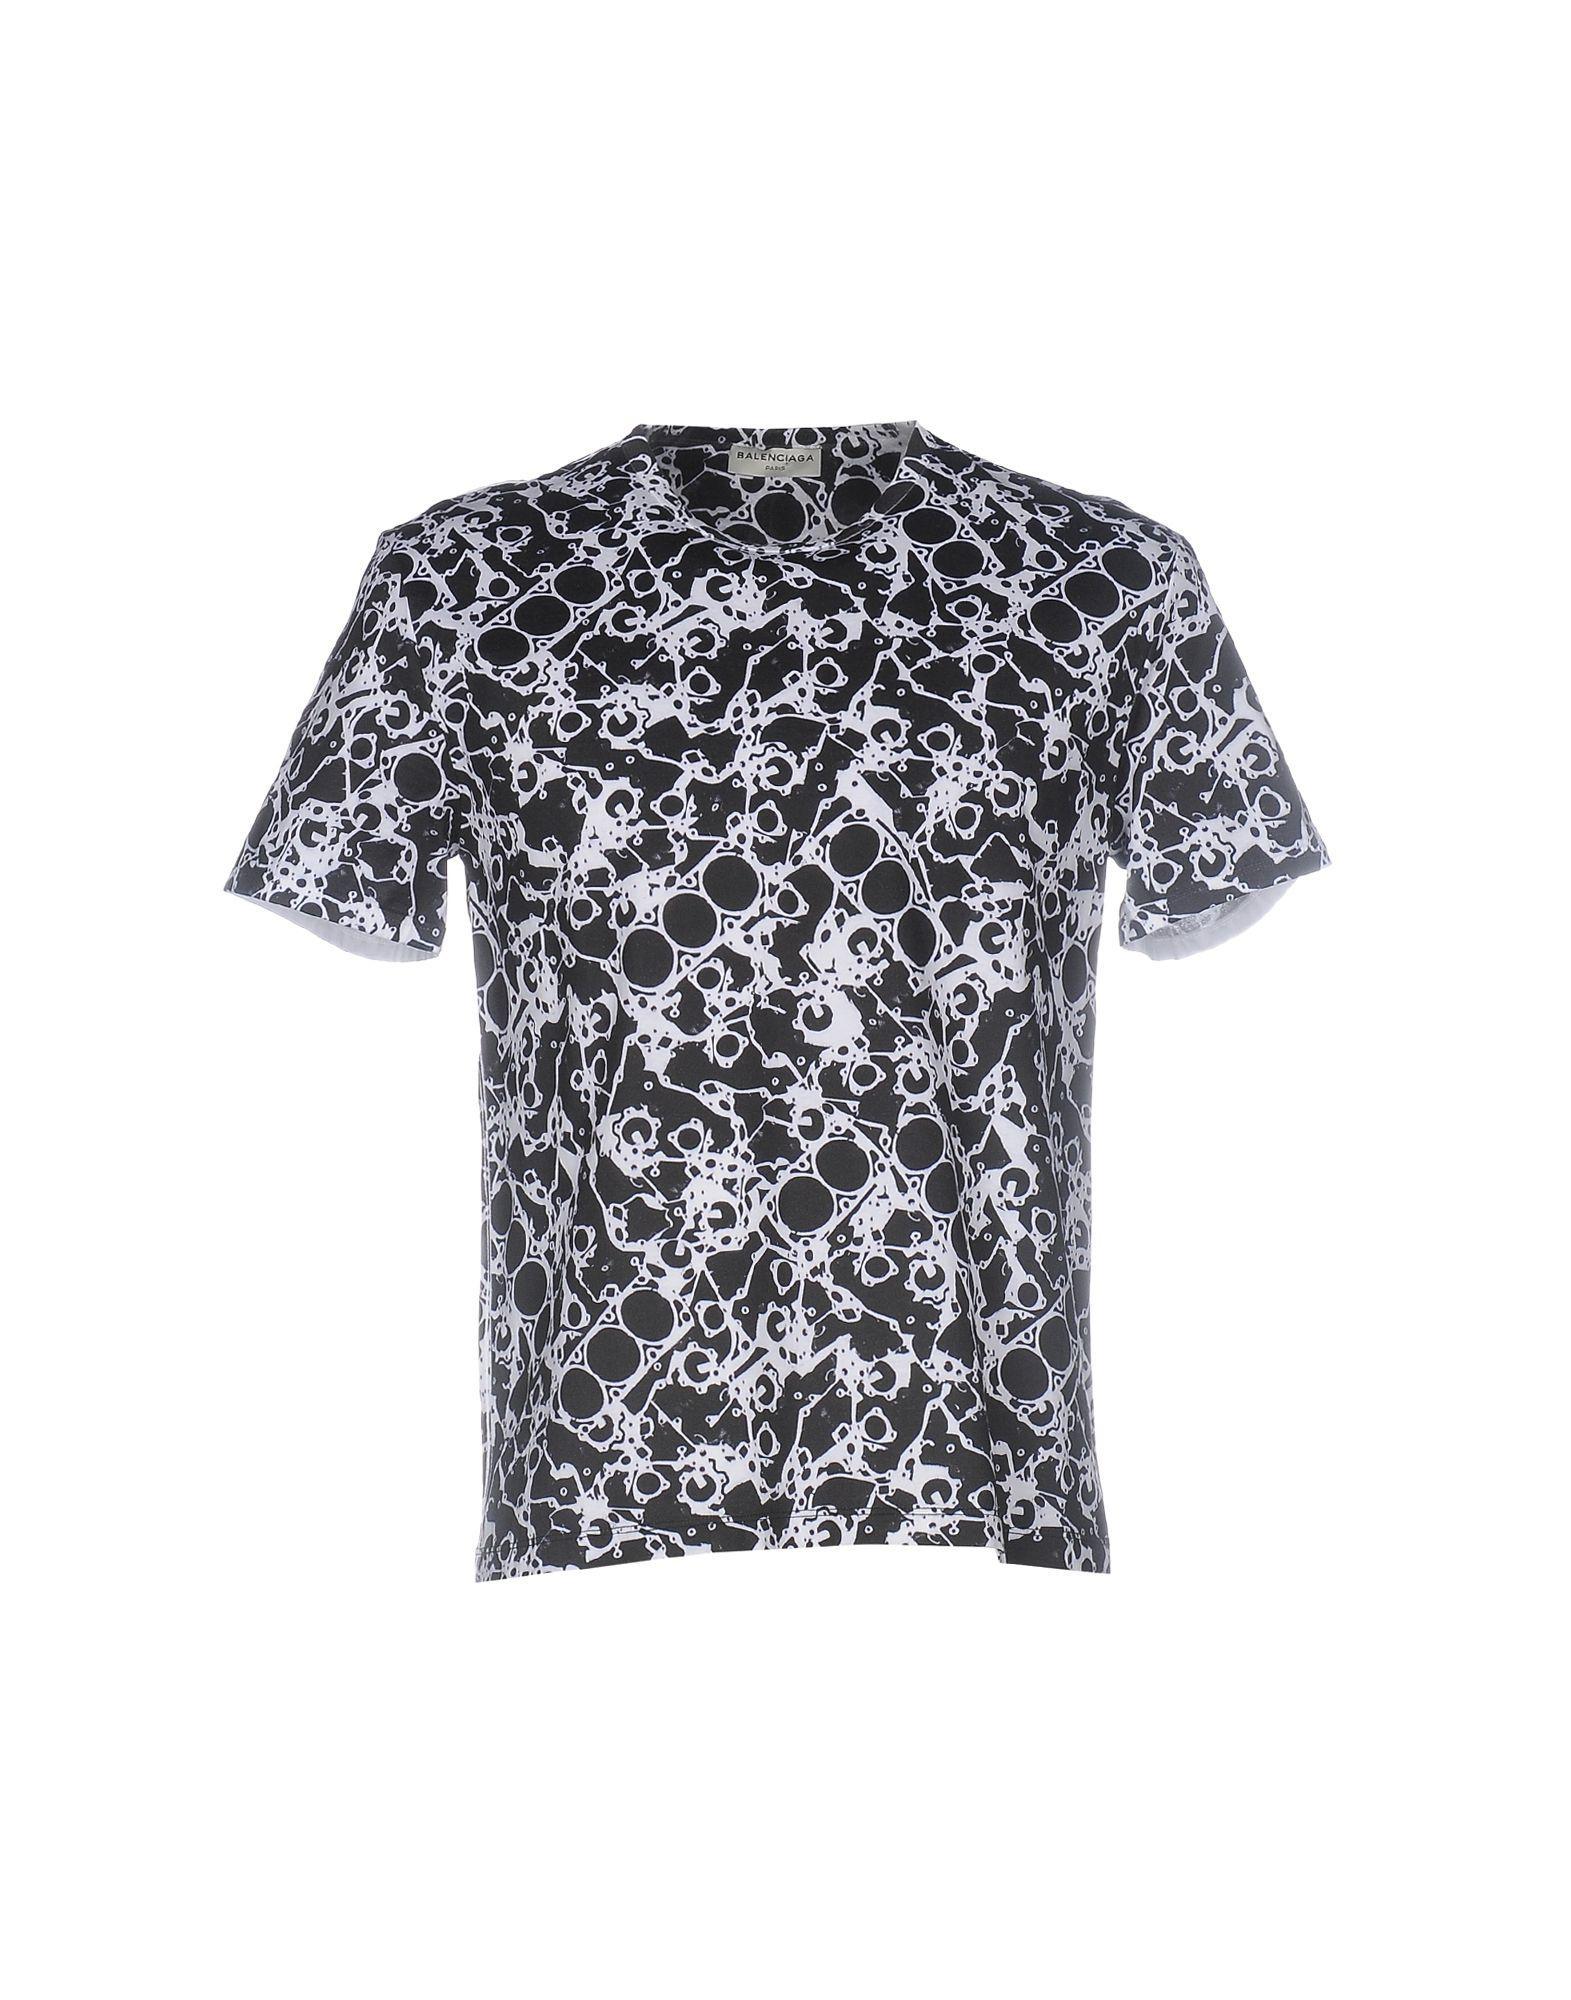 ab60299e0ae Balenciaga Paris Mens T Shirt